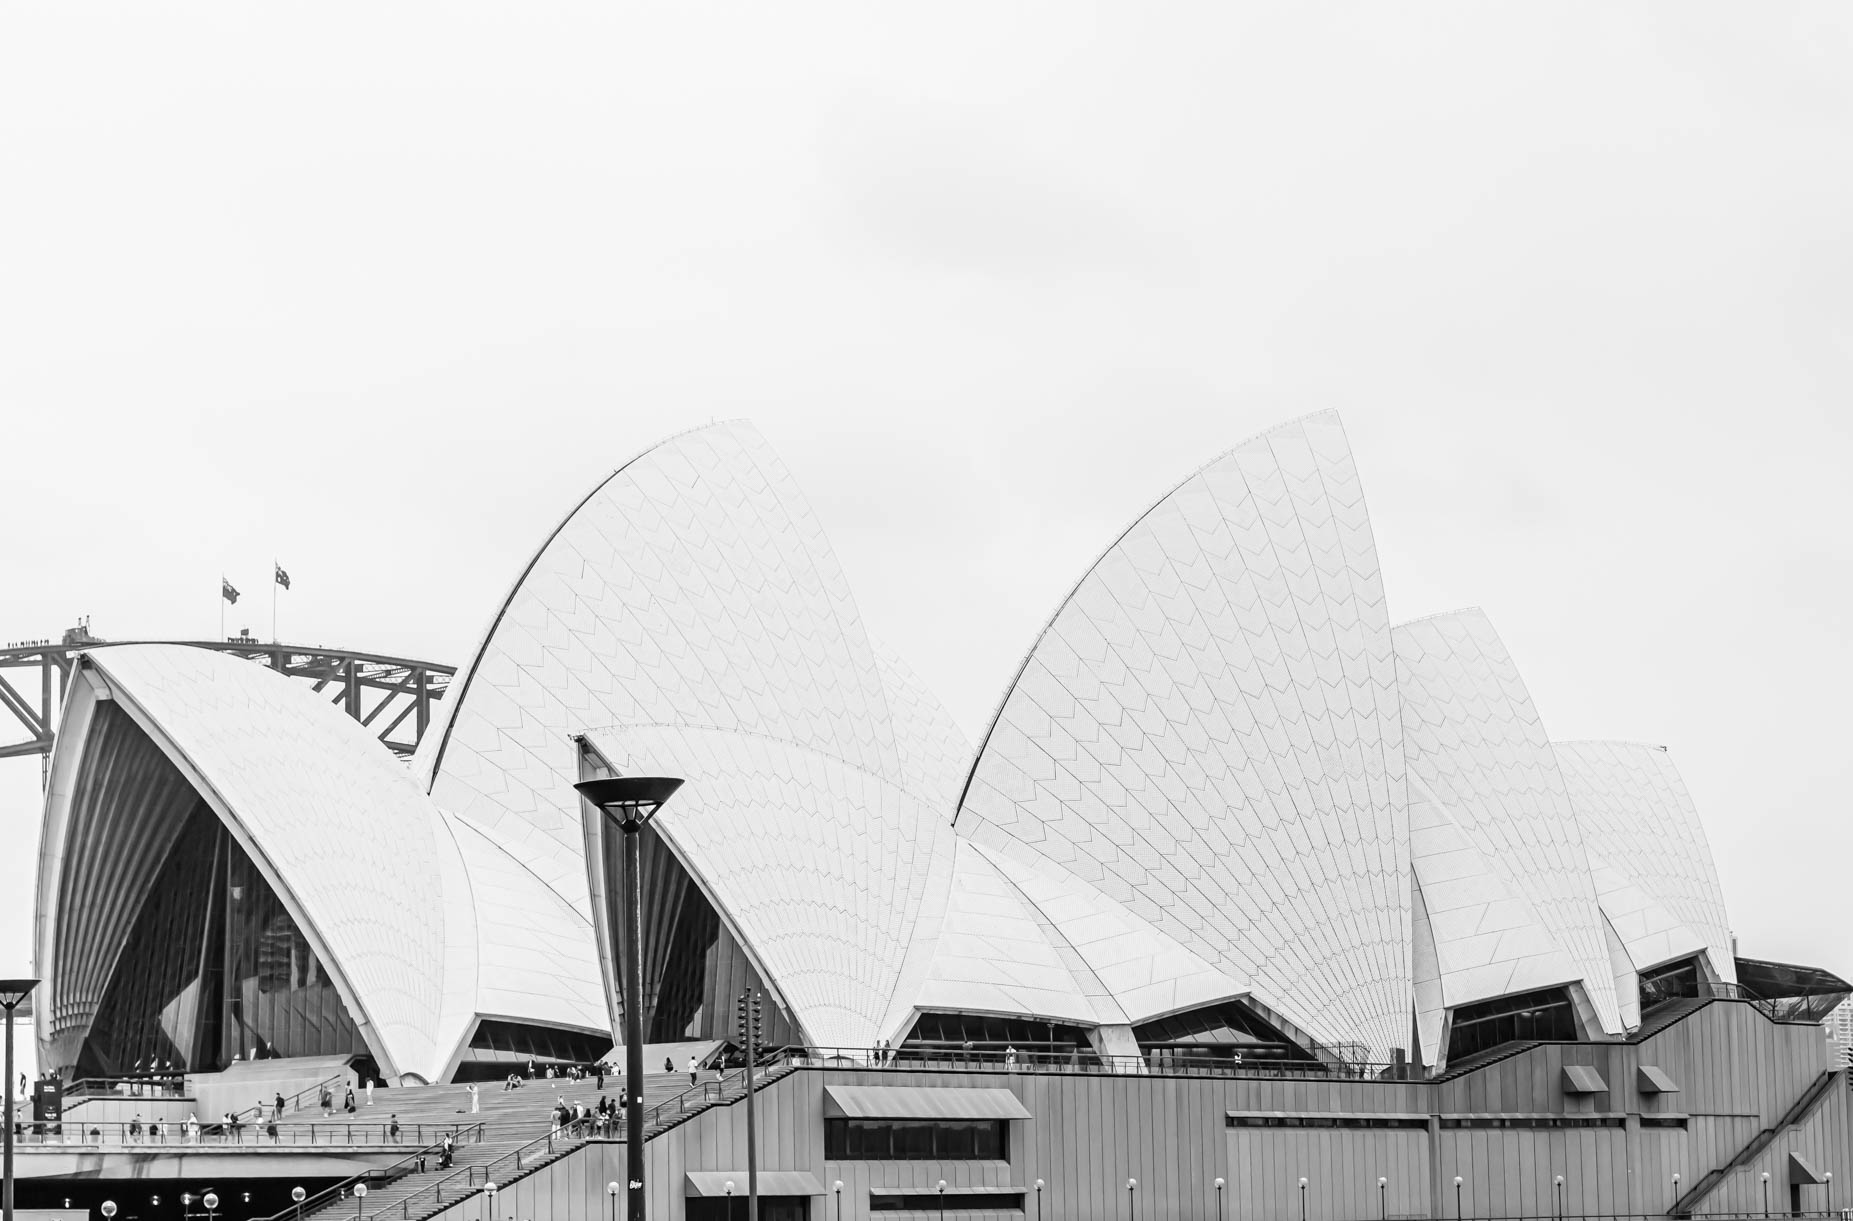 Elternzeit Reise Australien - Reisebericht Sydney